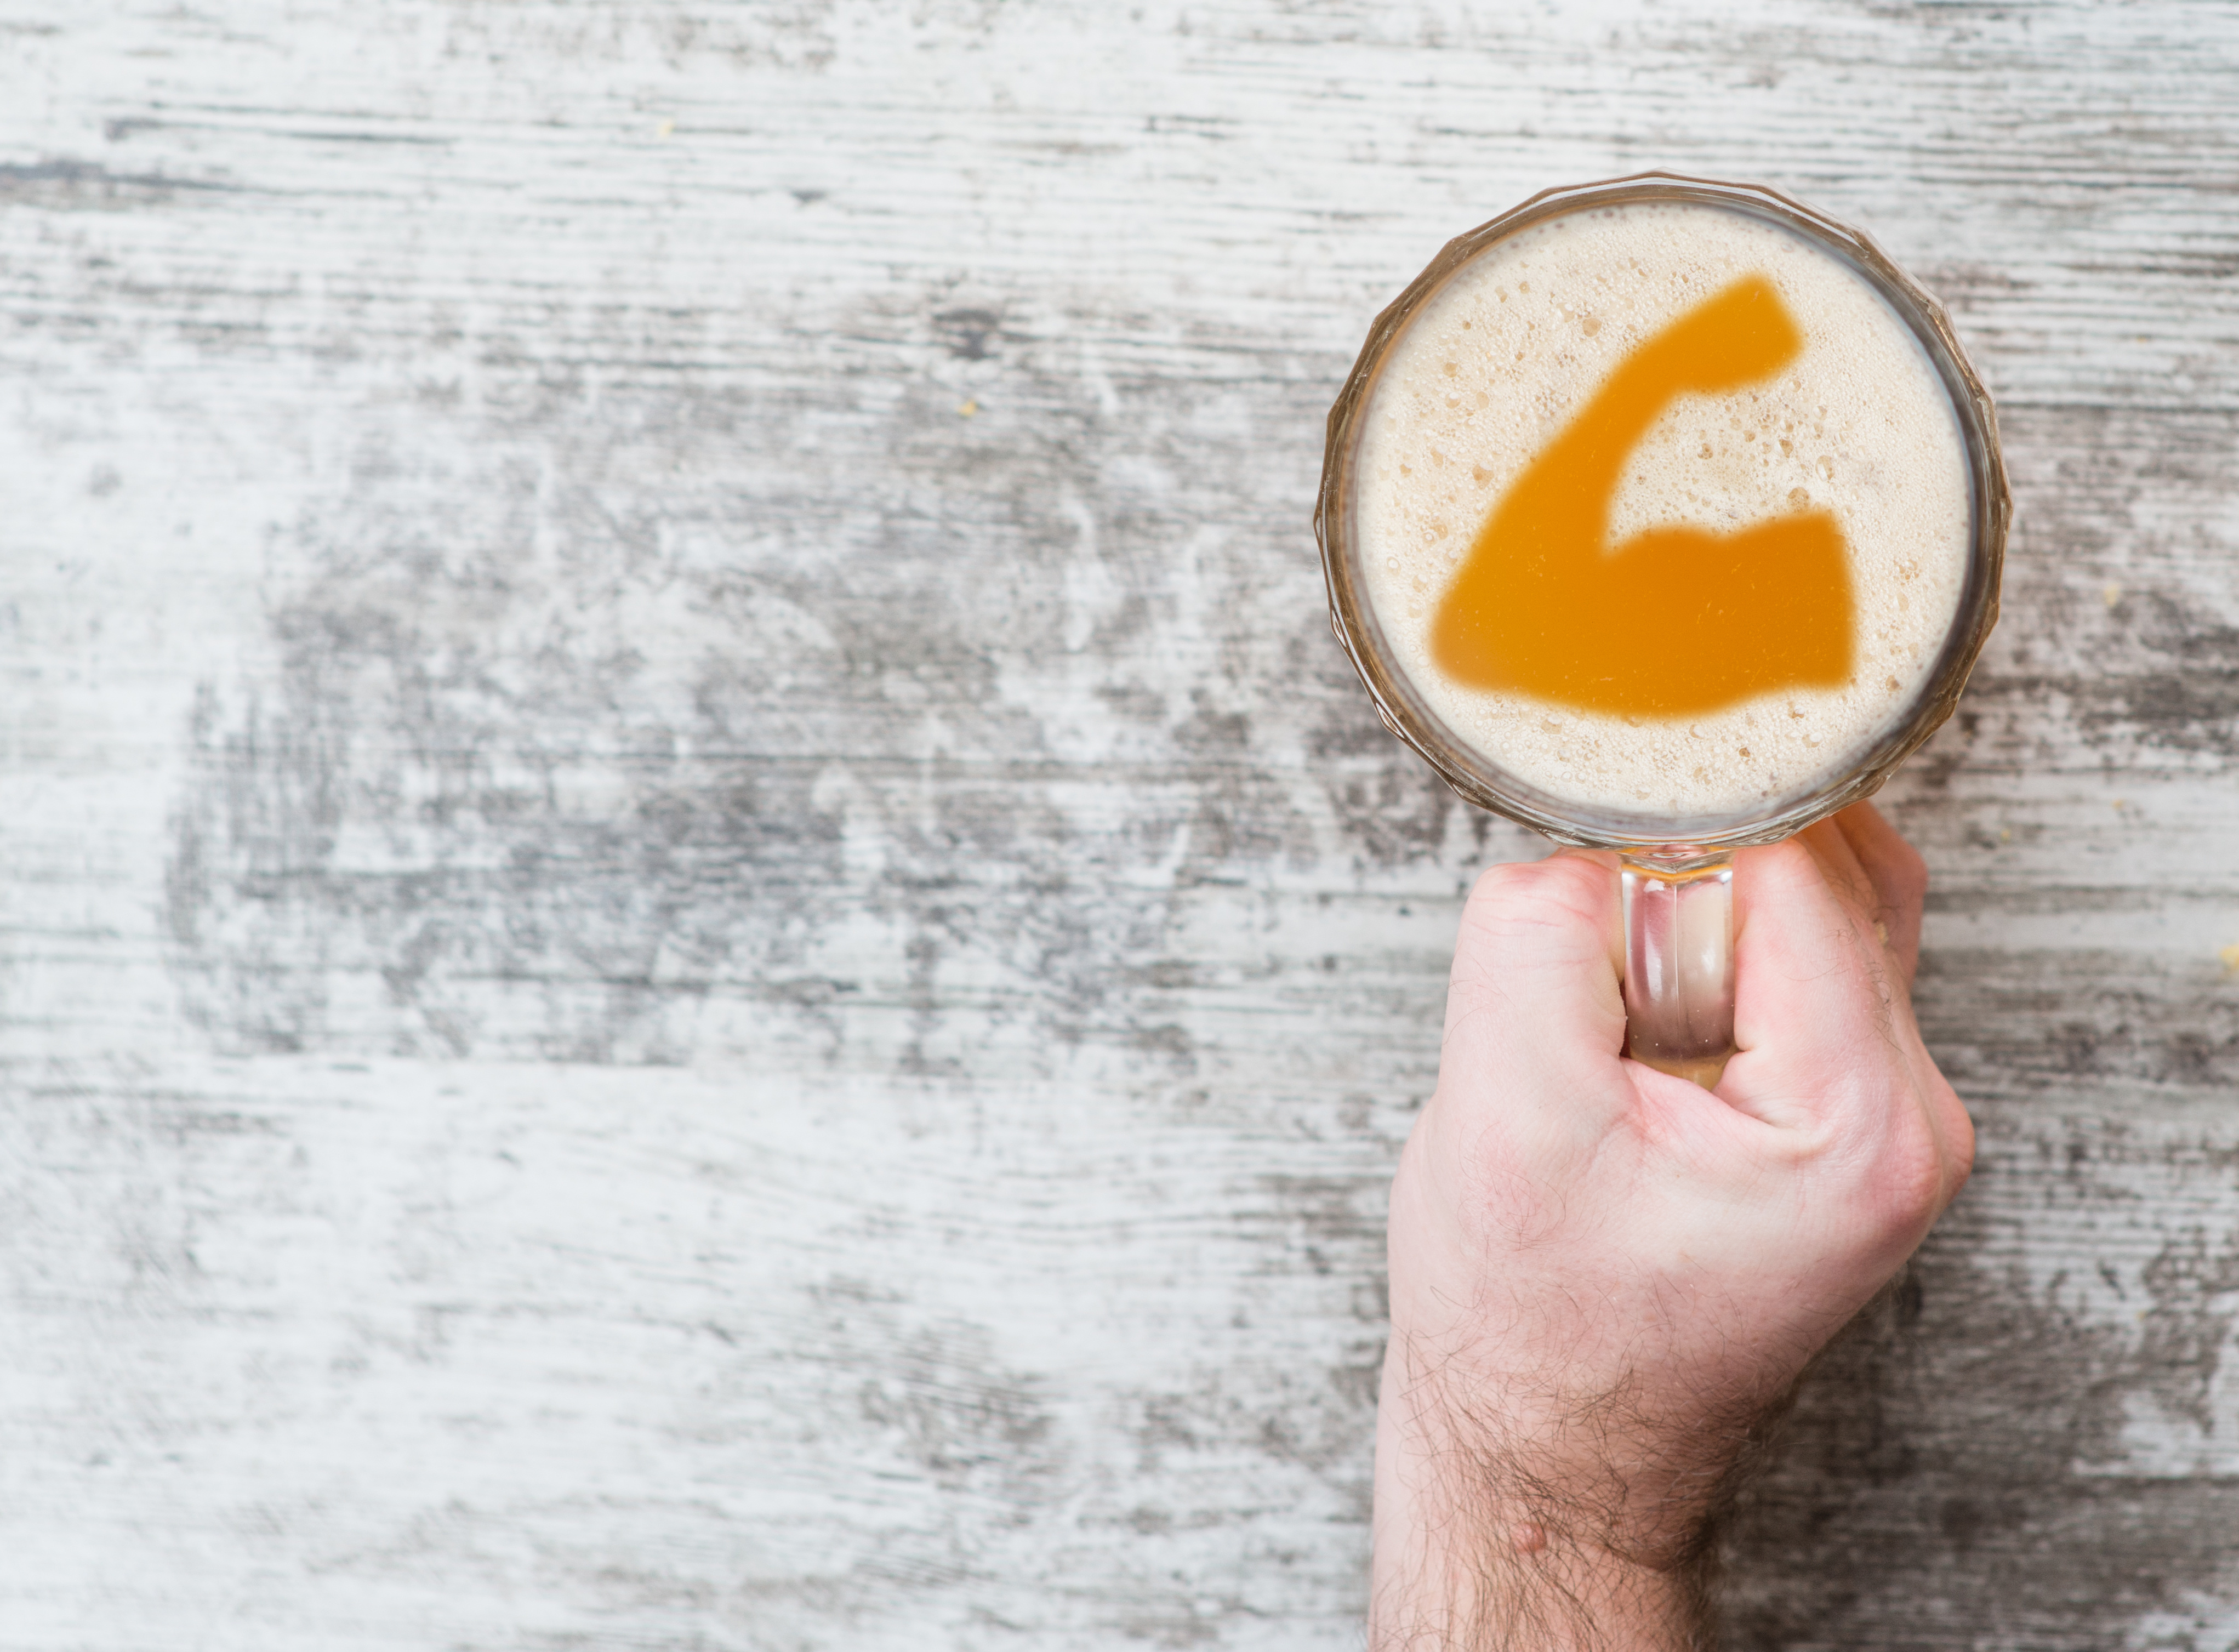 Trening, piwo i cukier. Czyli dlaczego piwo i inne alkohole tuczą?